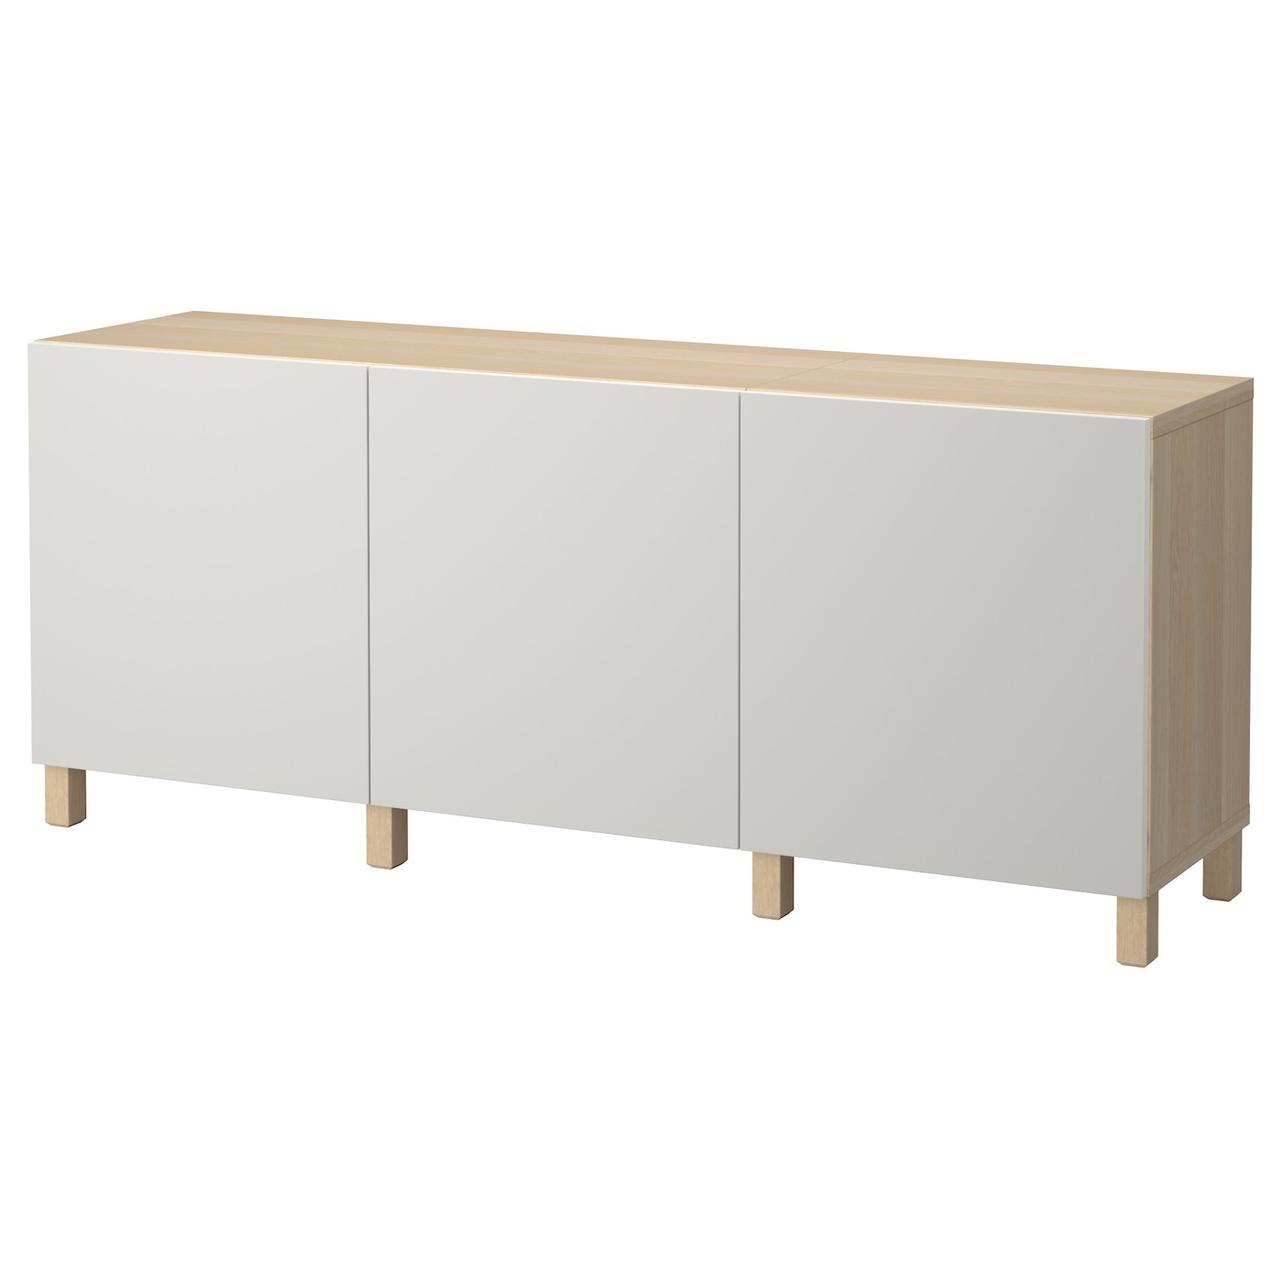 IKEA BESTA Тумба под телевизор 180x40x74 см (992.059.03), фото 1